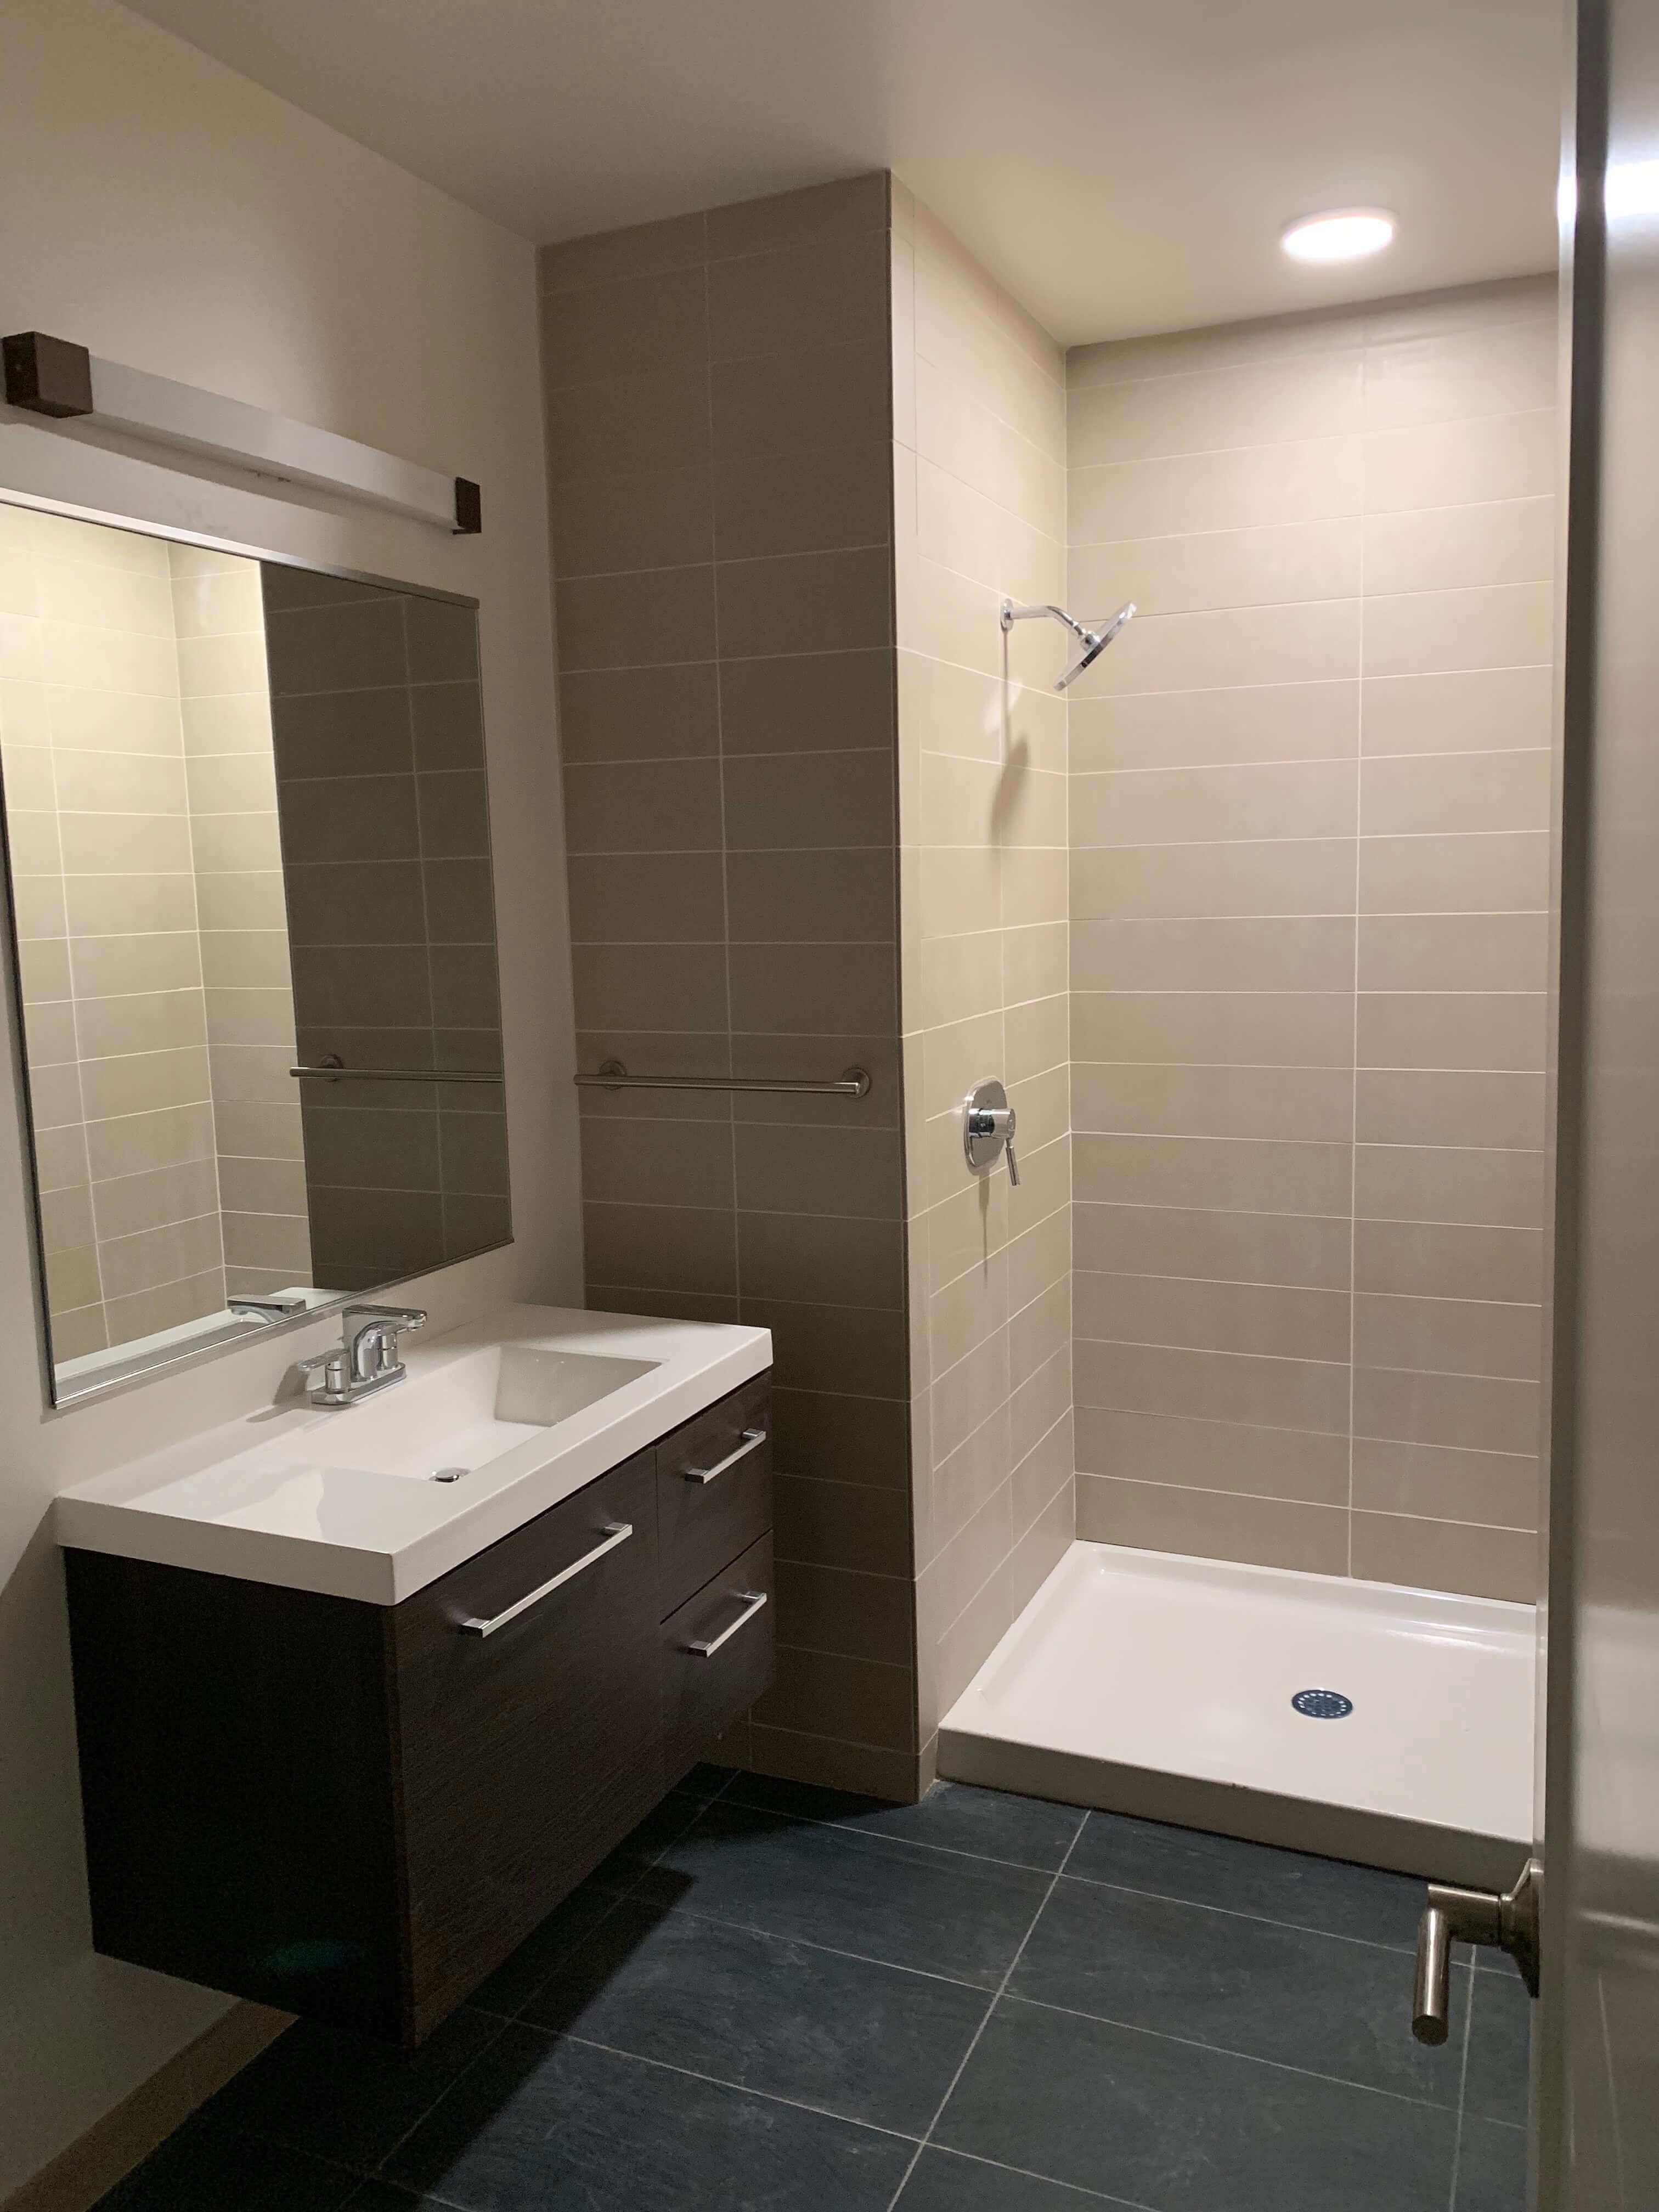 Eighth & Penn bathroom